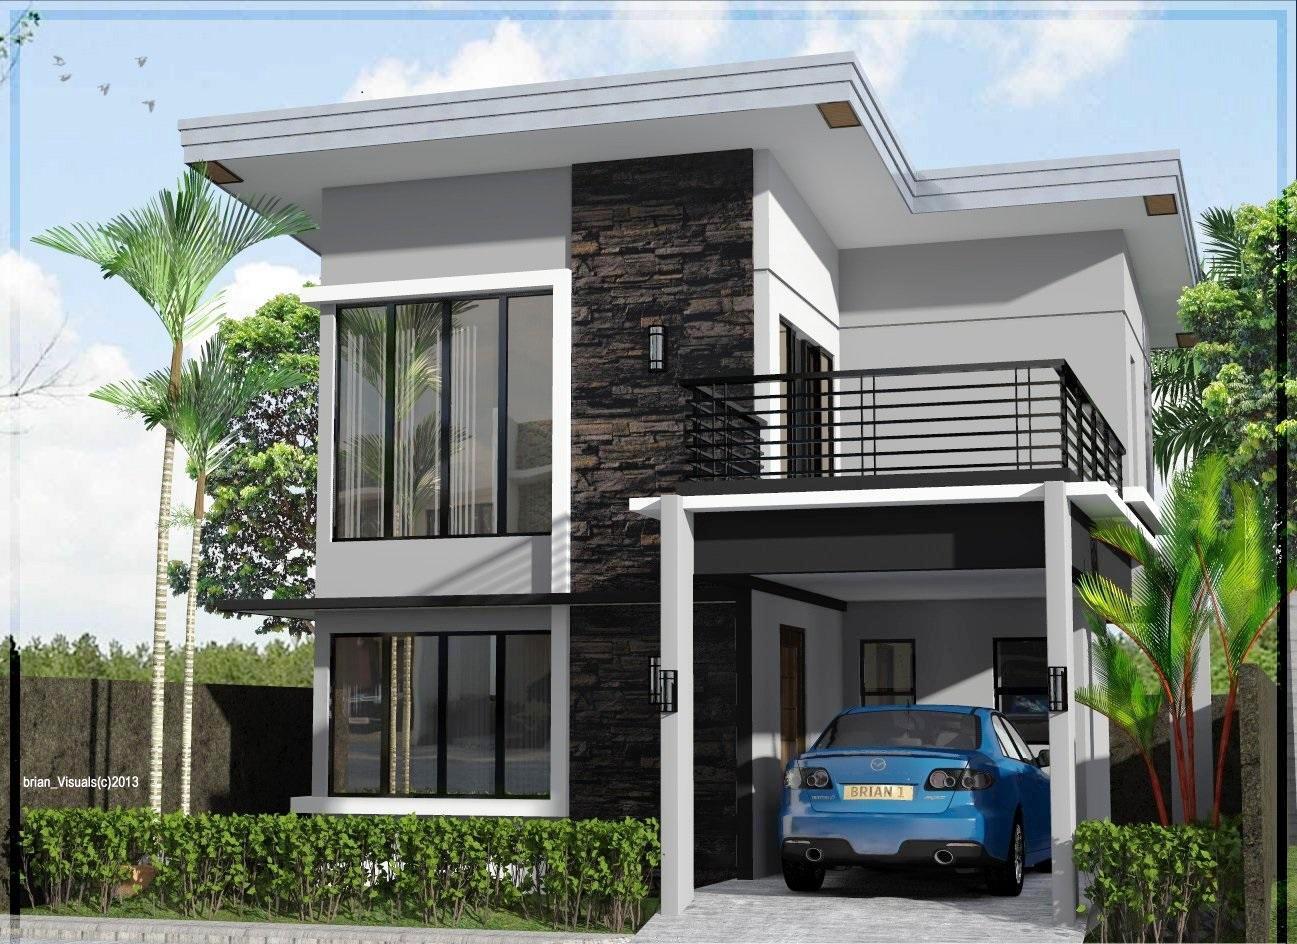 Bagus Desain Rumah Minimalis Lantai Dua 18 Bangun Ide Dekorasi Rumah oleh Desain Rumah Minimalis Lantai Dua